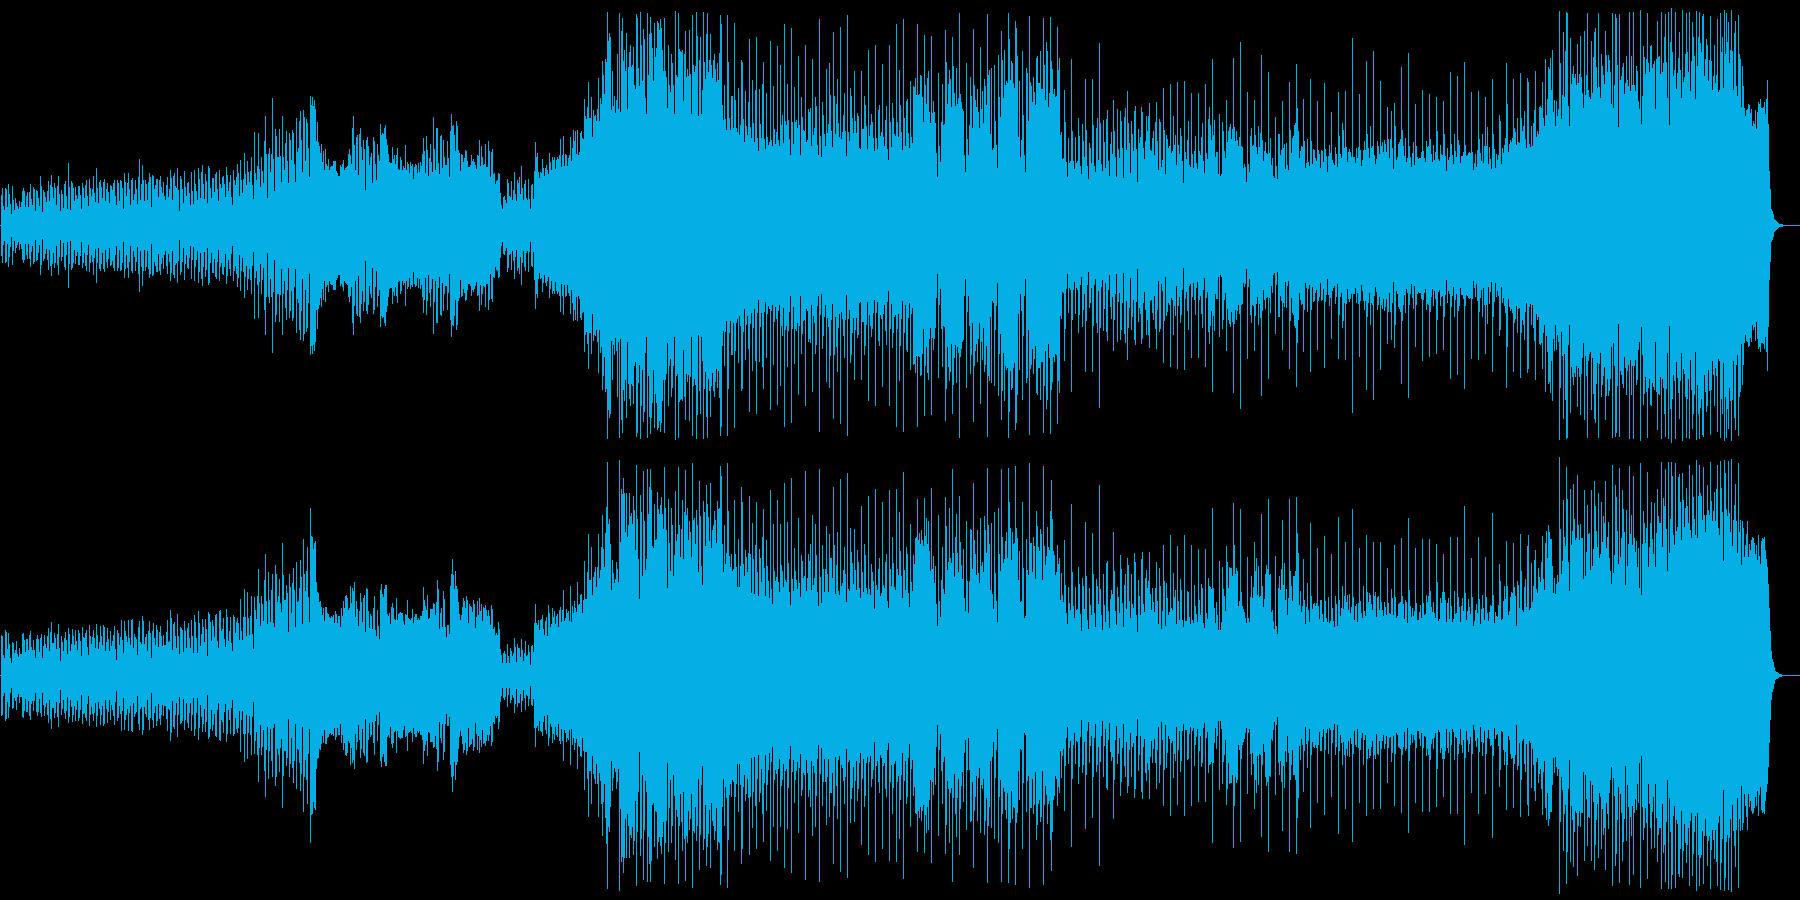 『冬』 第1楽章+リズムアレンジの再生済みの波形